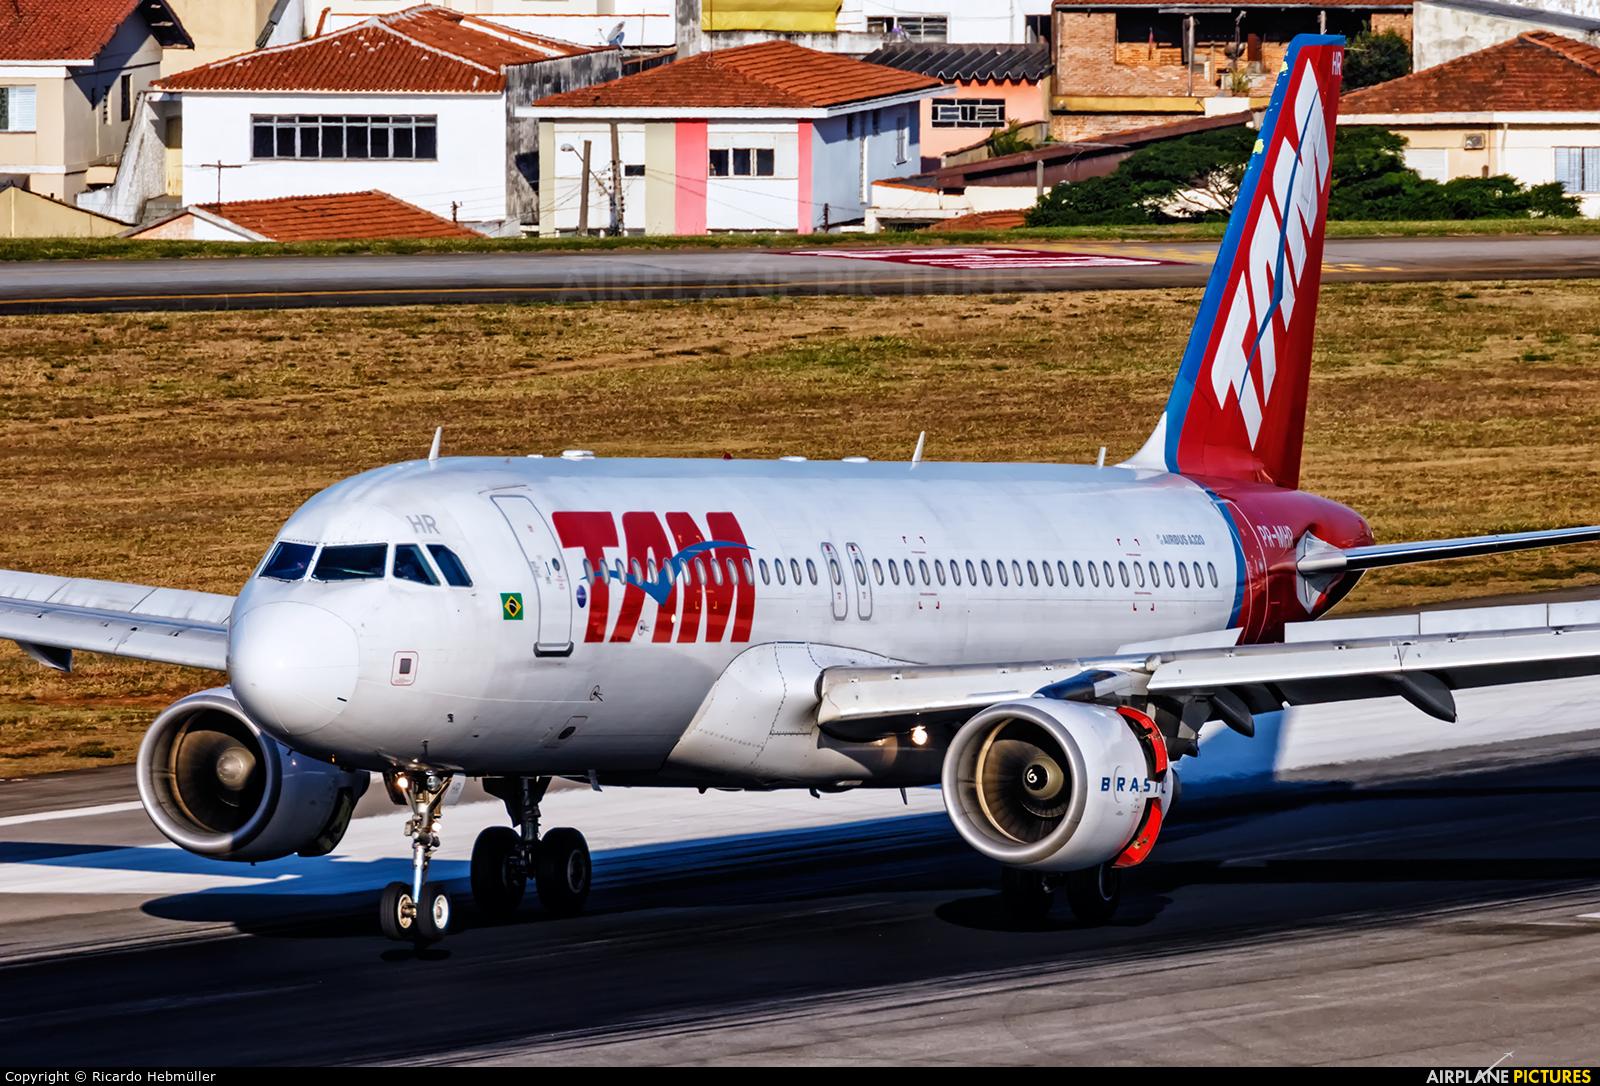 TAM PR-MHR aircraft at São Paulo - Congonhas